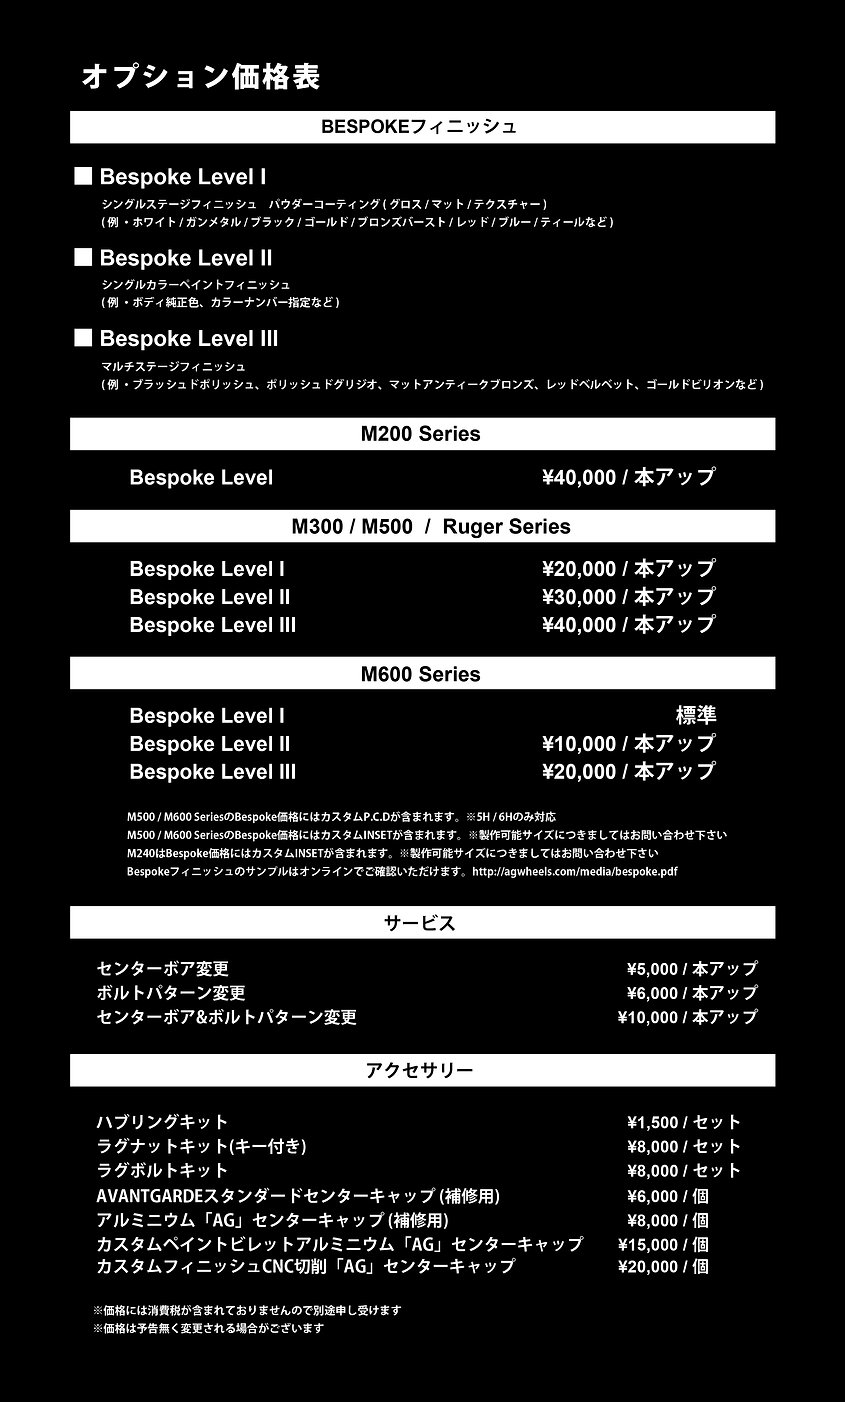 鋳造オプション表(黒).jpg